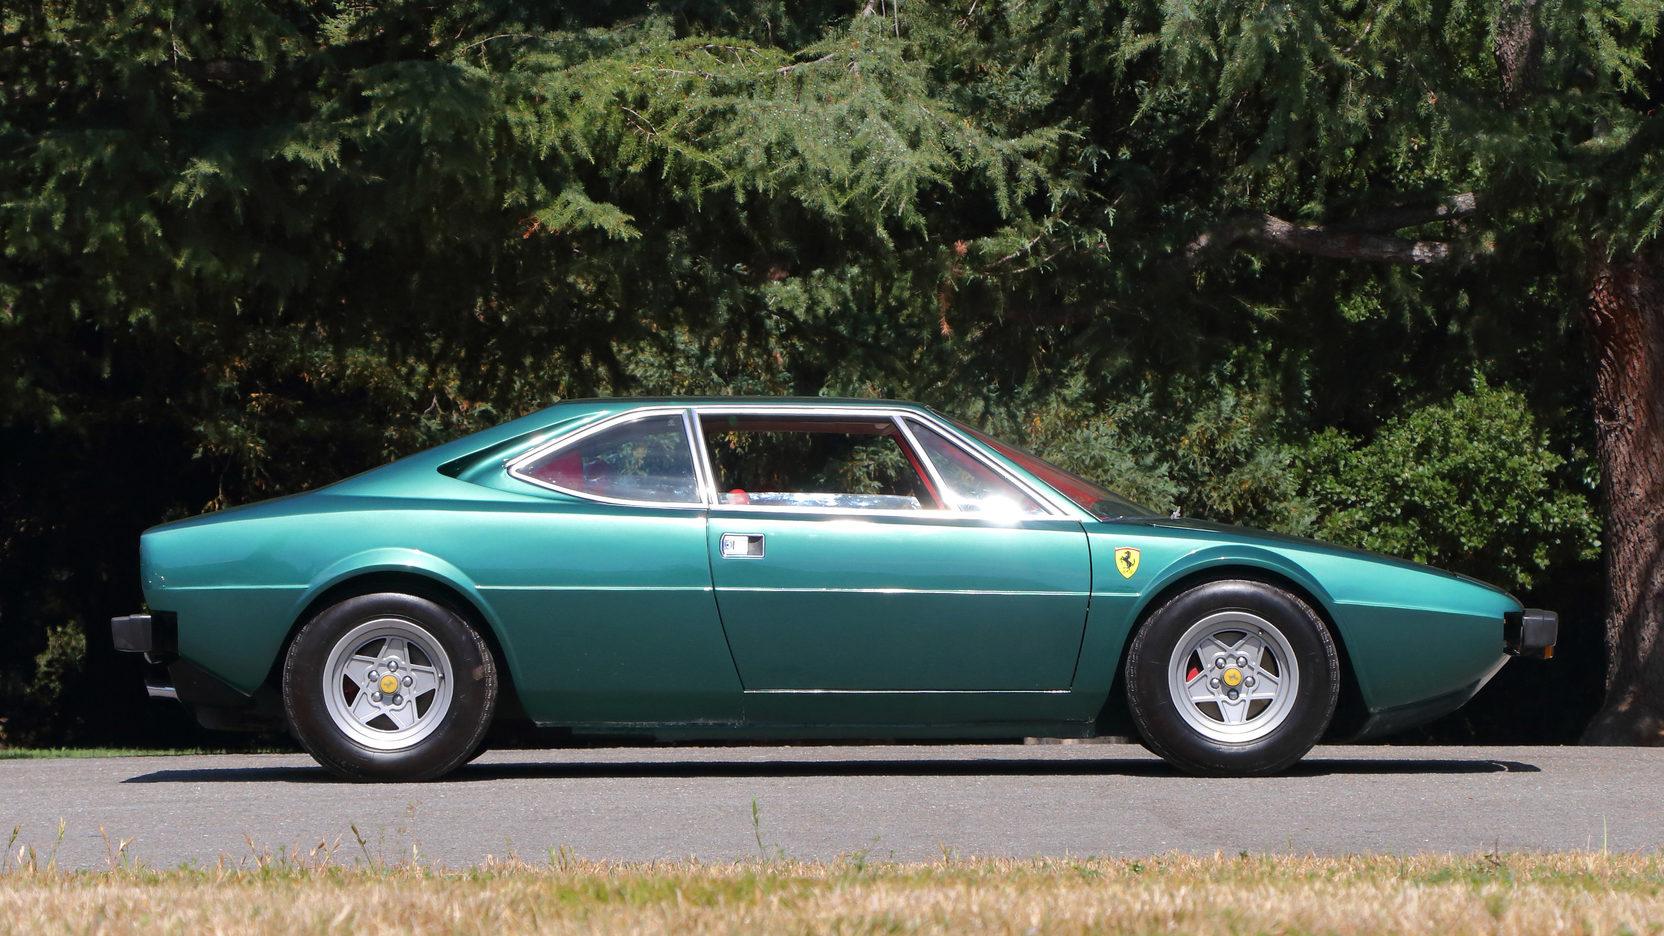 1975 Ferrari Dino 308 GT4 side profile